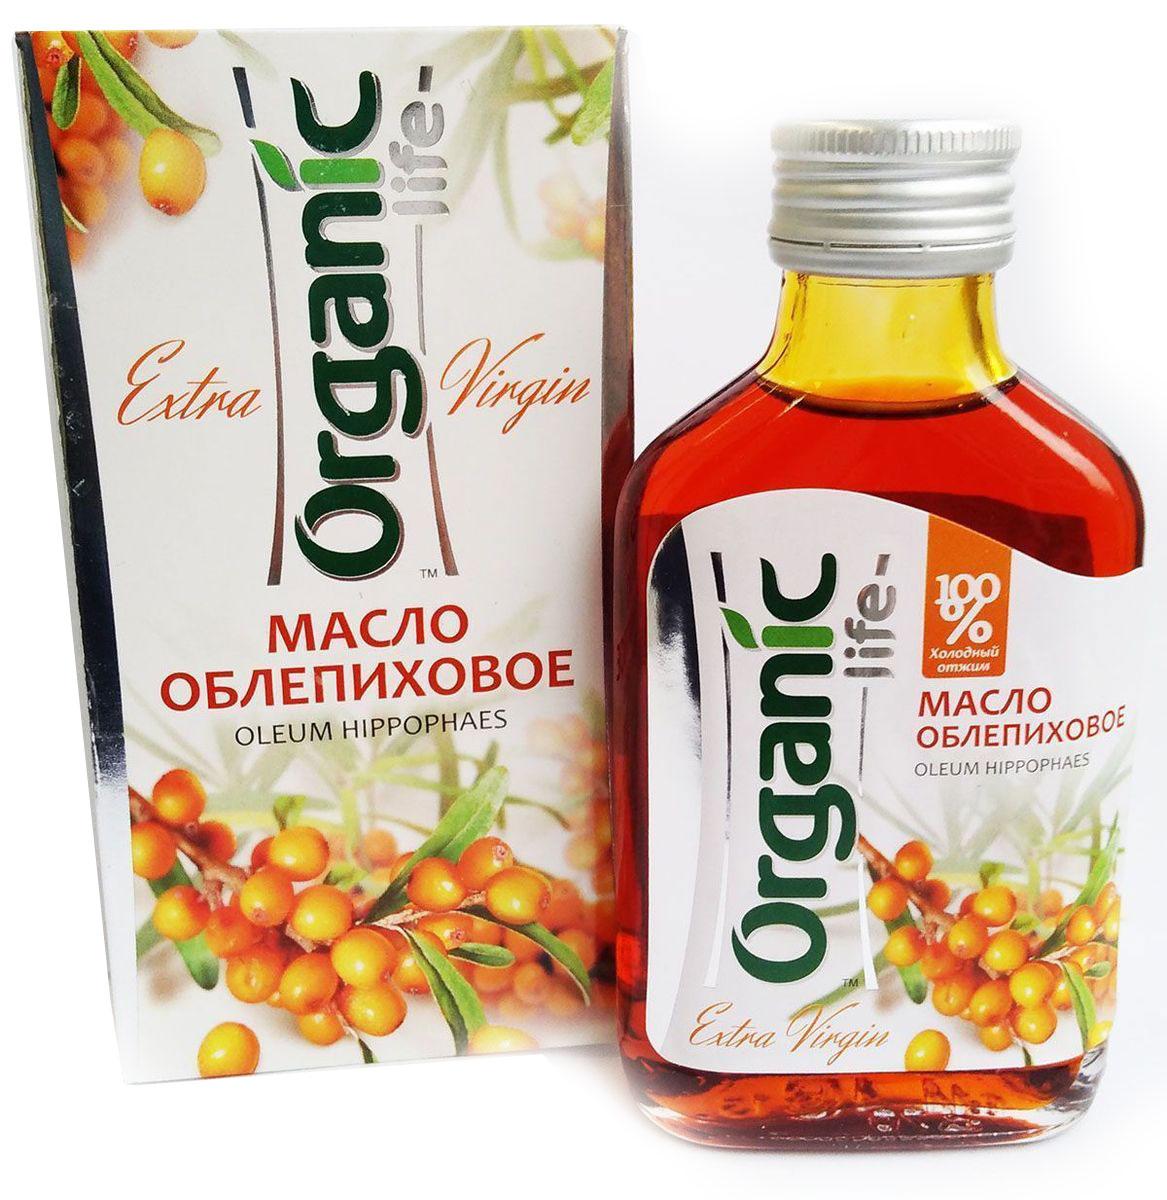 Фото Organic Life масло облепиховое, 100 мл. Купить  в РФ